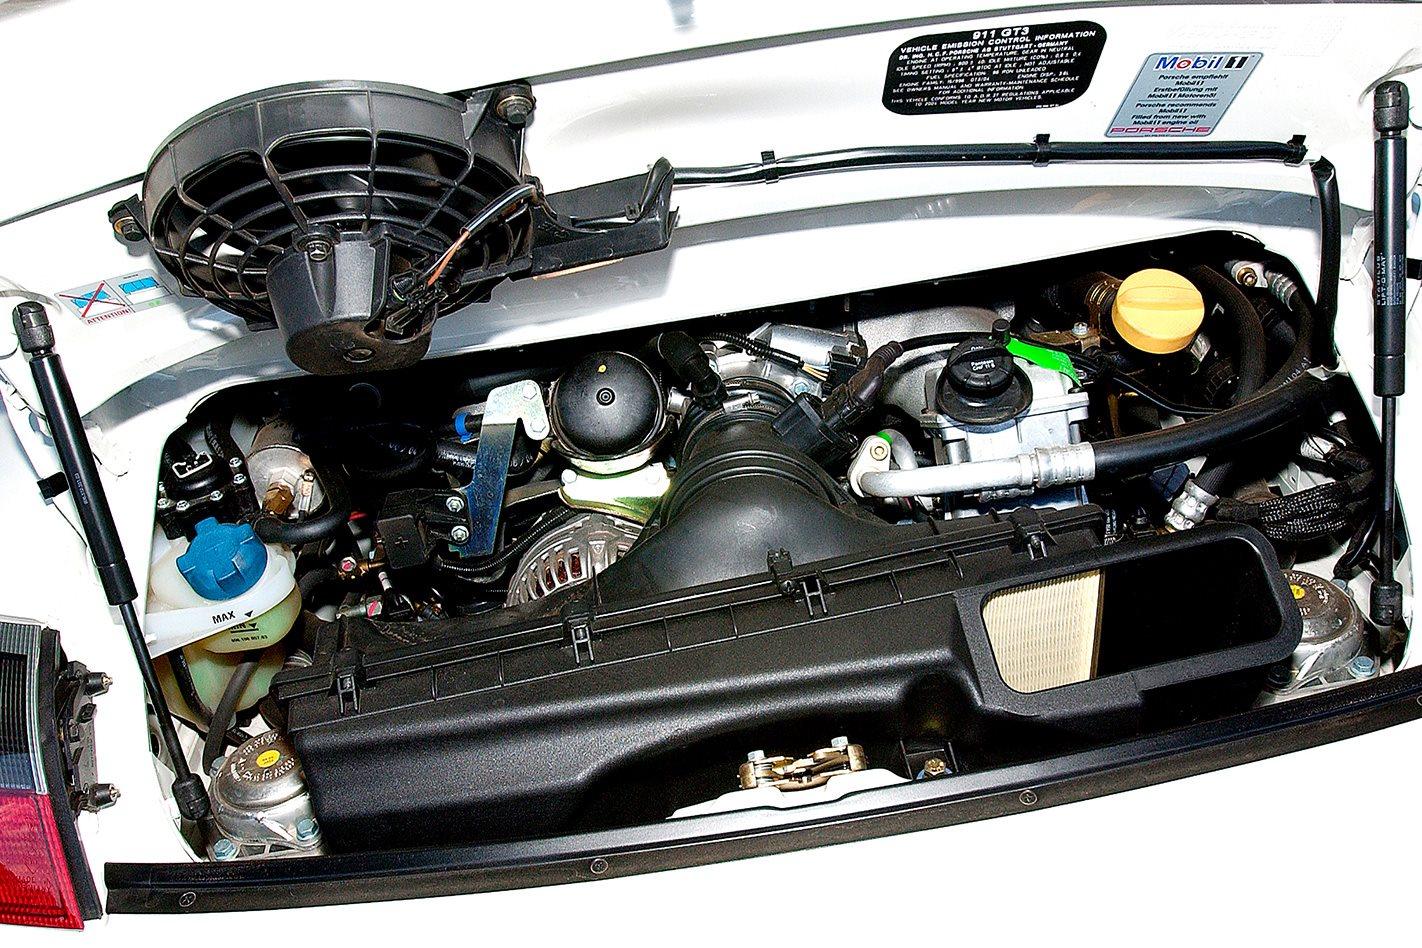 Porsche GT3 RS engine